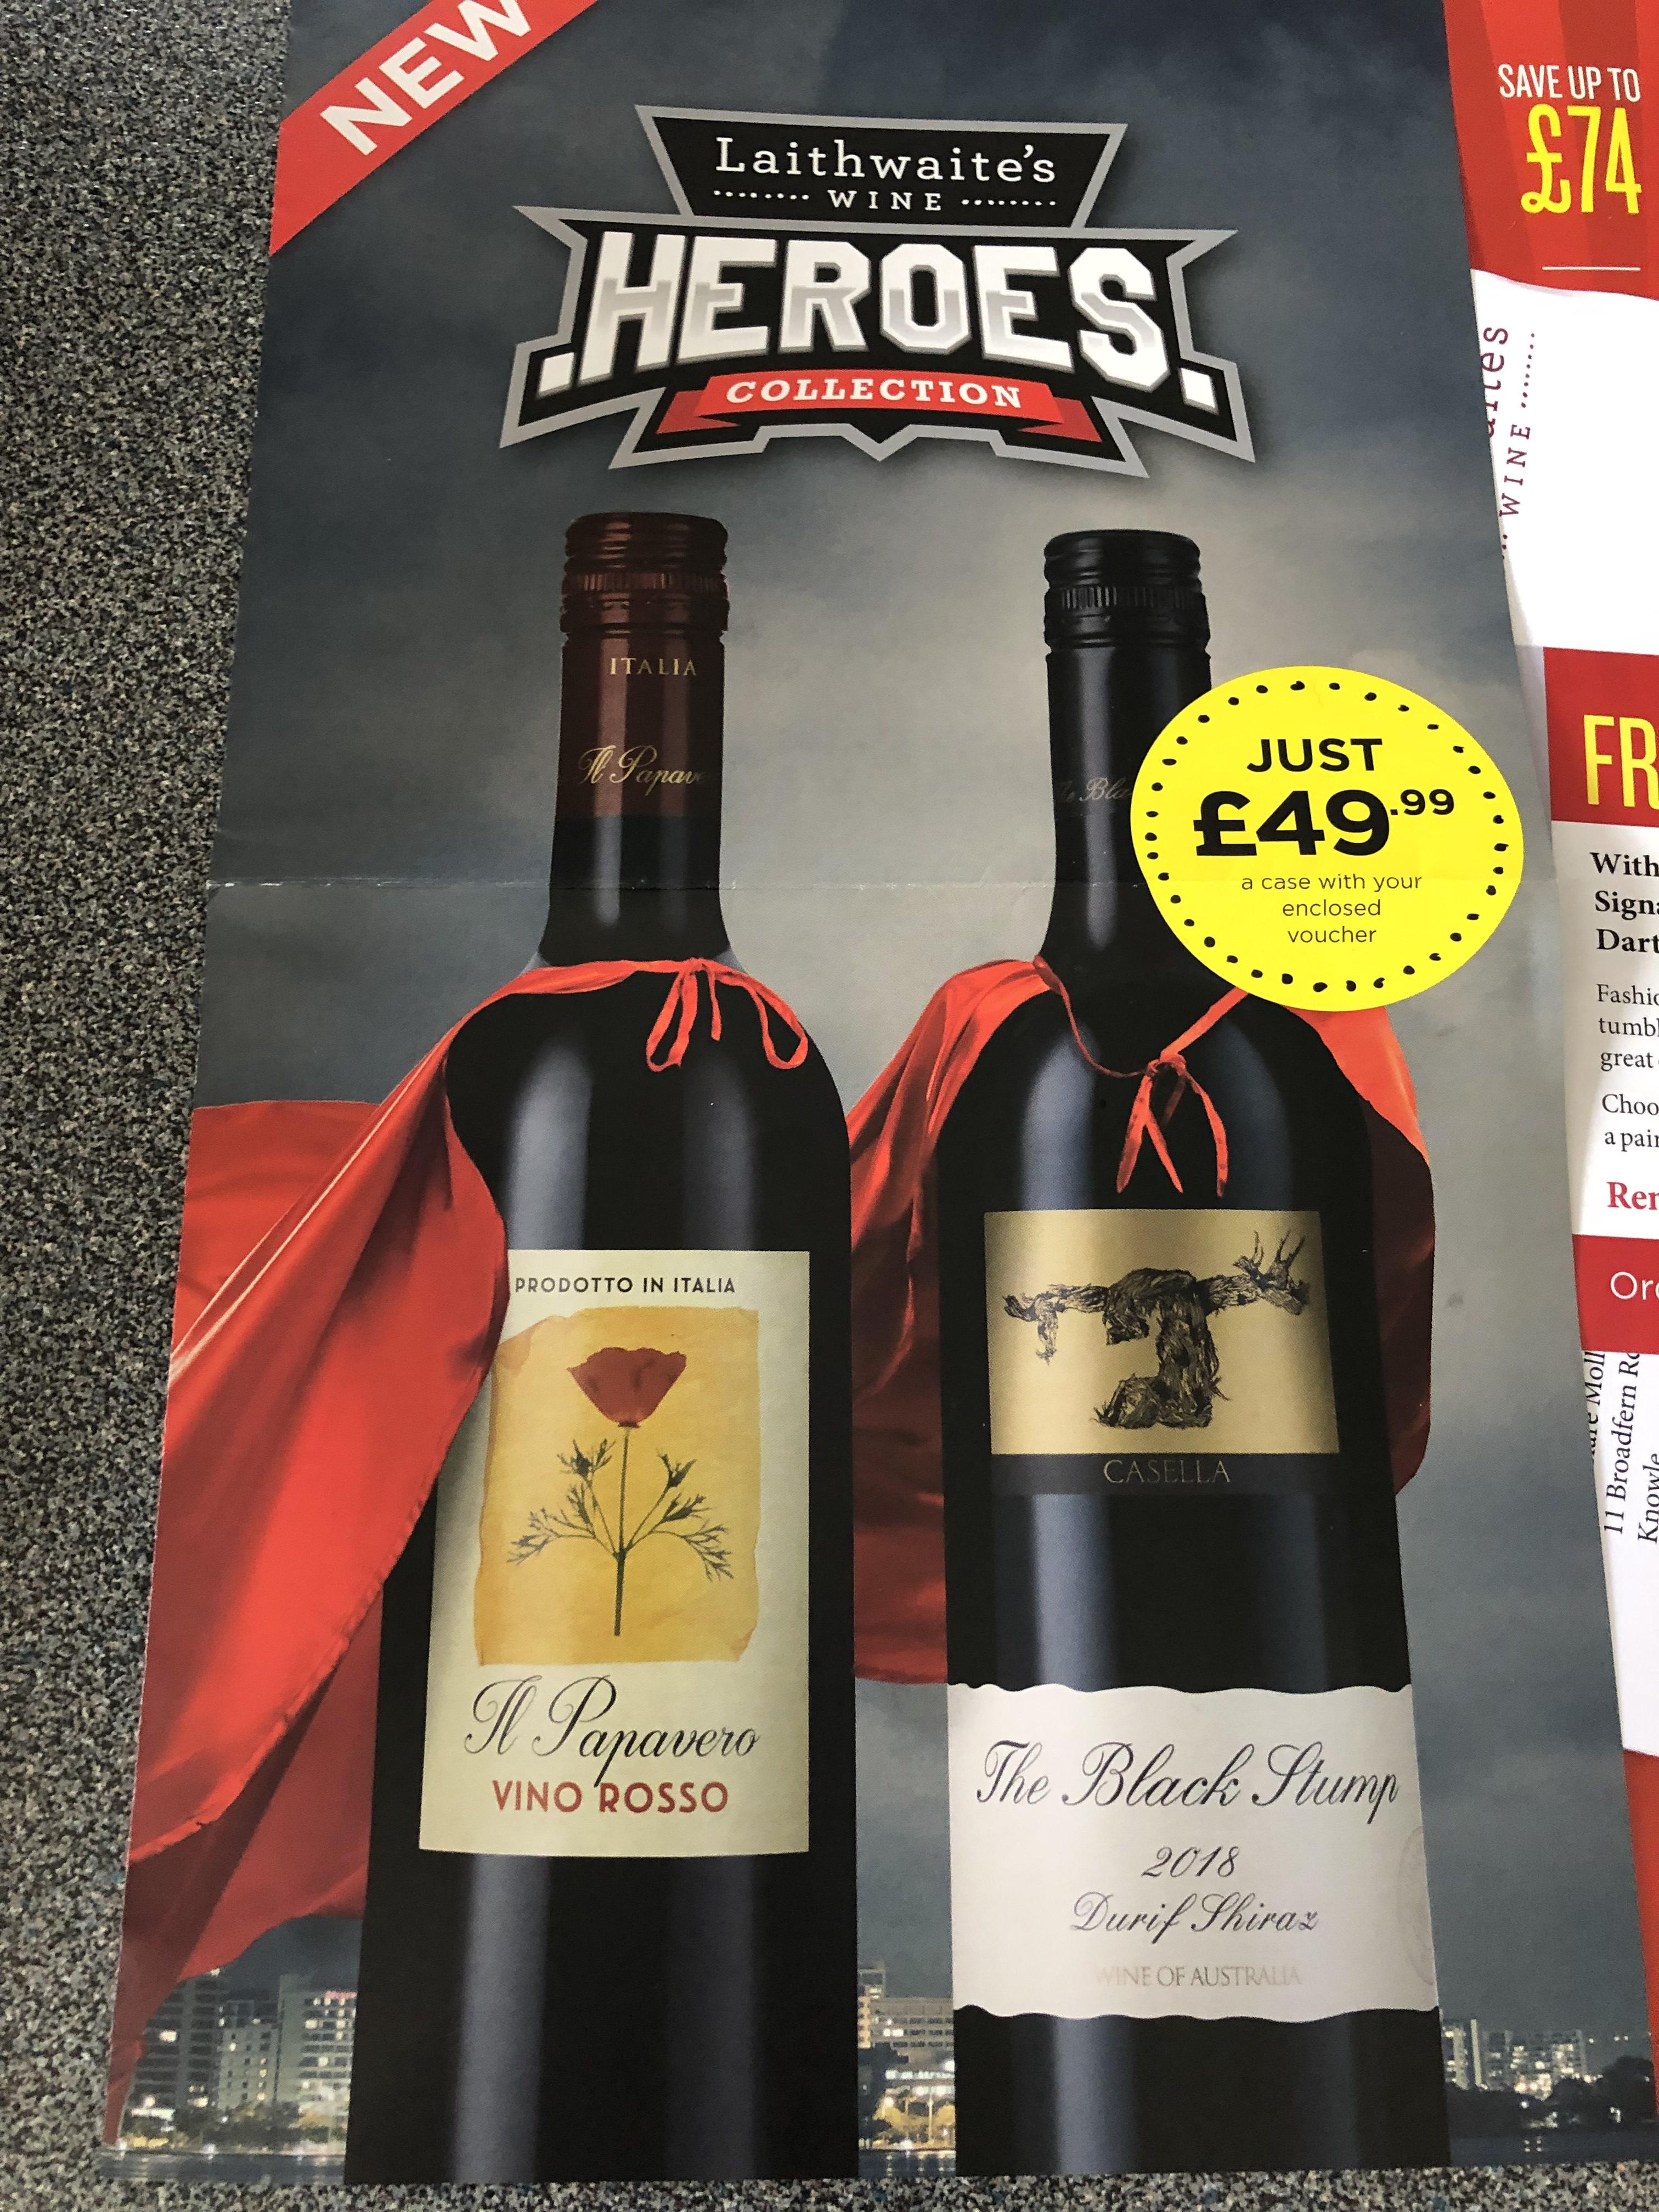 12 bottles of Laithwaites wine for £49.99 delivered